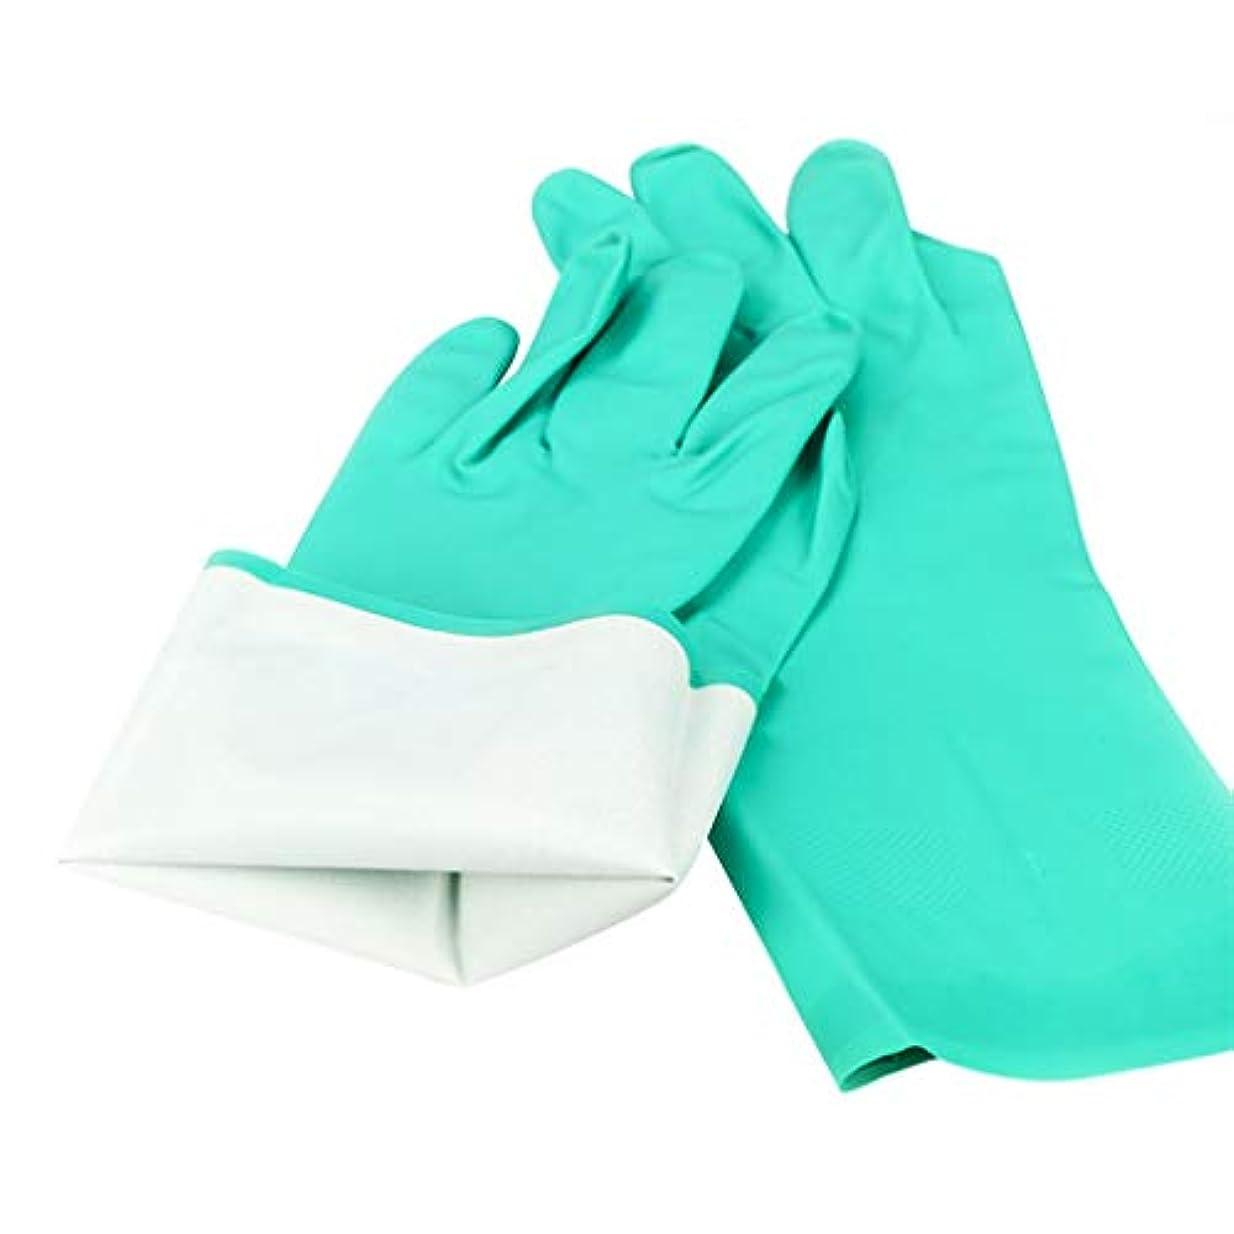 シャンプー島ハンディキャップ5ペア耐油性ニトリルゴム手袋 - 耐摩耗性耐油性滑り止め安全衛生丈夫な工業用保護 YANW (色 : 緑, サイズ さいず : L l)